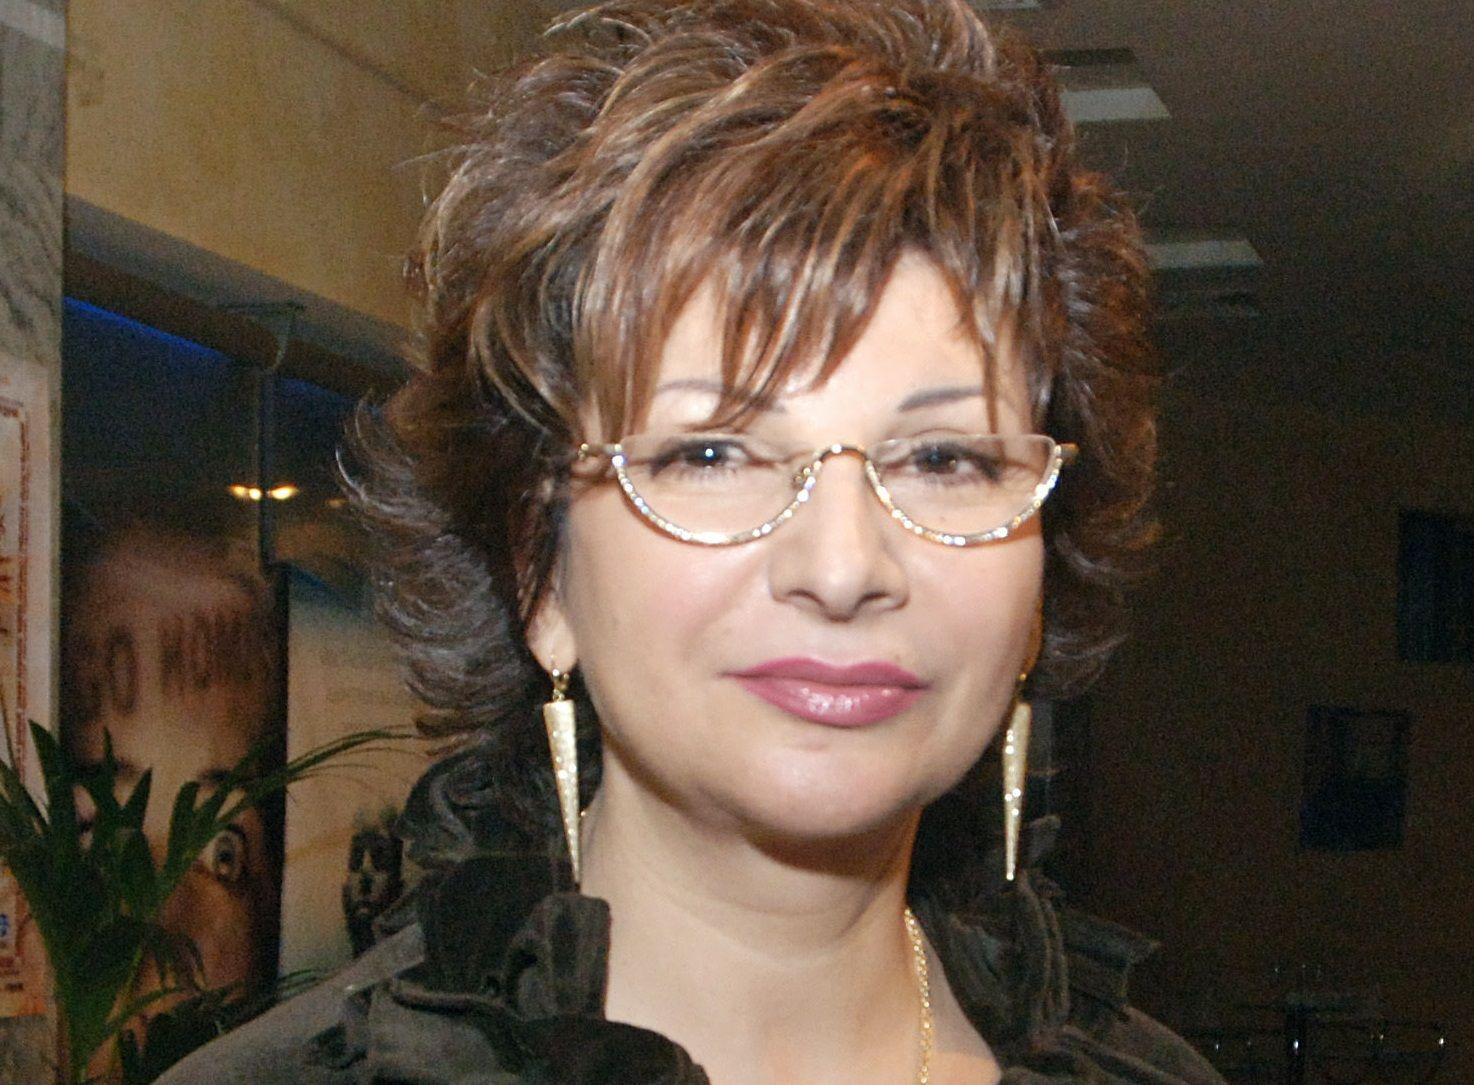 Народная артистка России Роксана Бабаян уверена: если Москва случилась в вашей жизни — это не просто так. Фото: Александр Саверкин/ ТАСС